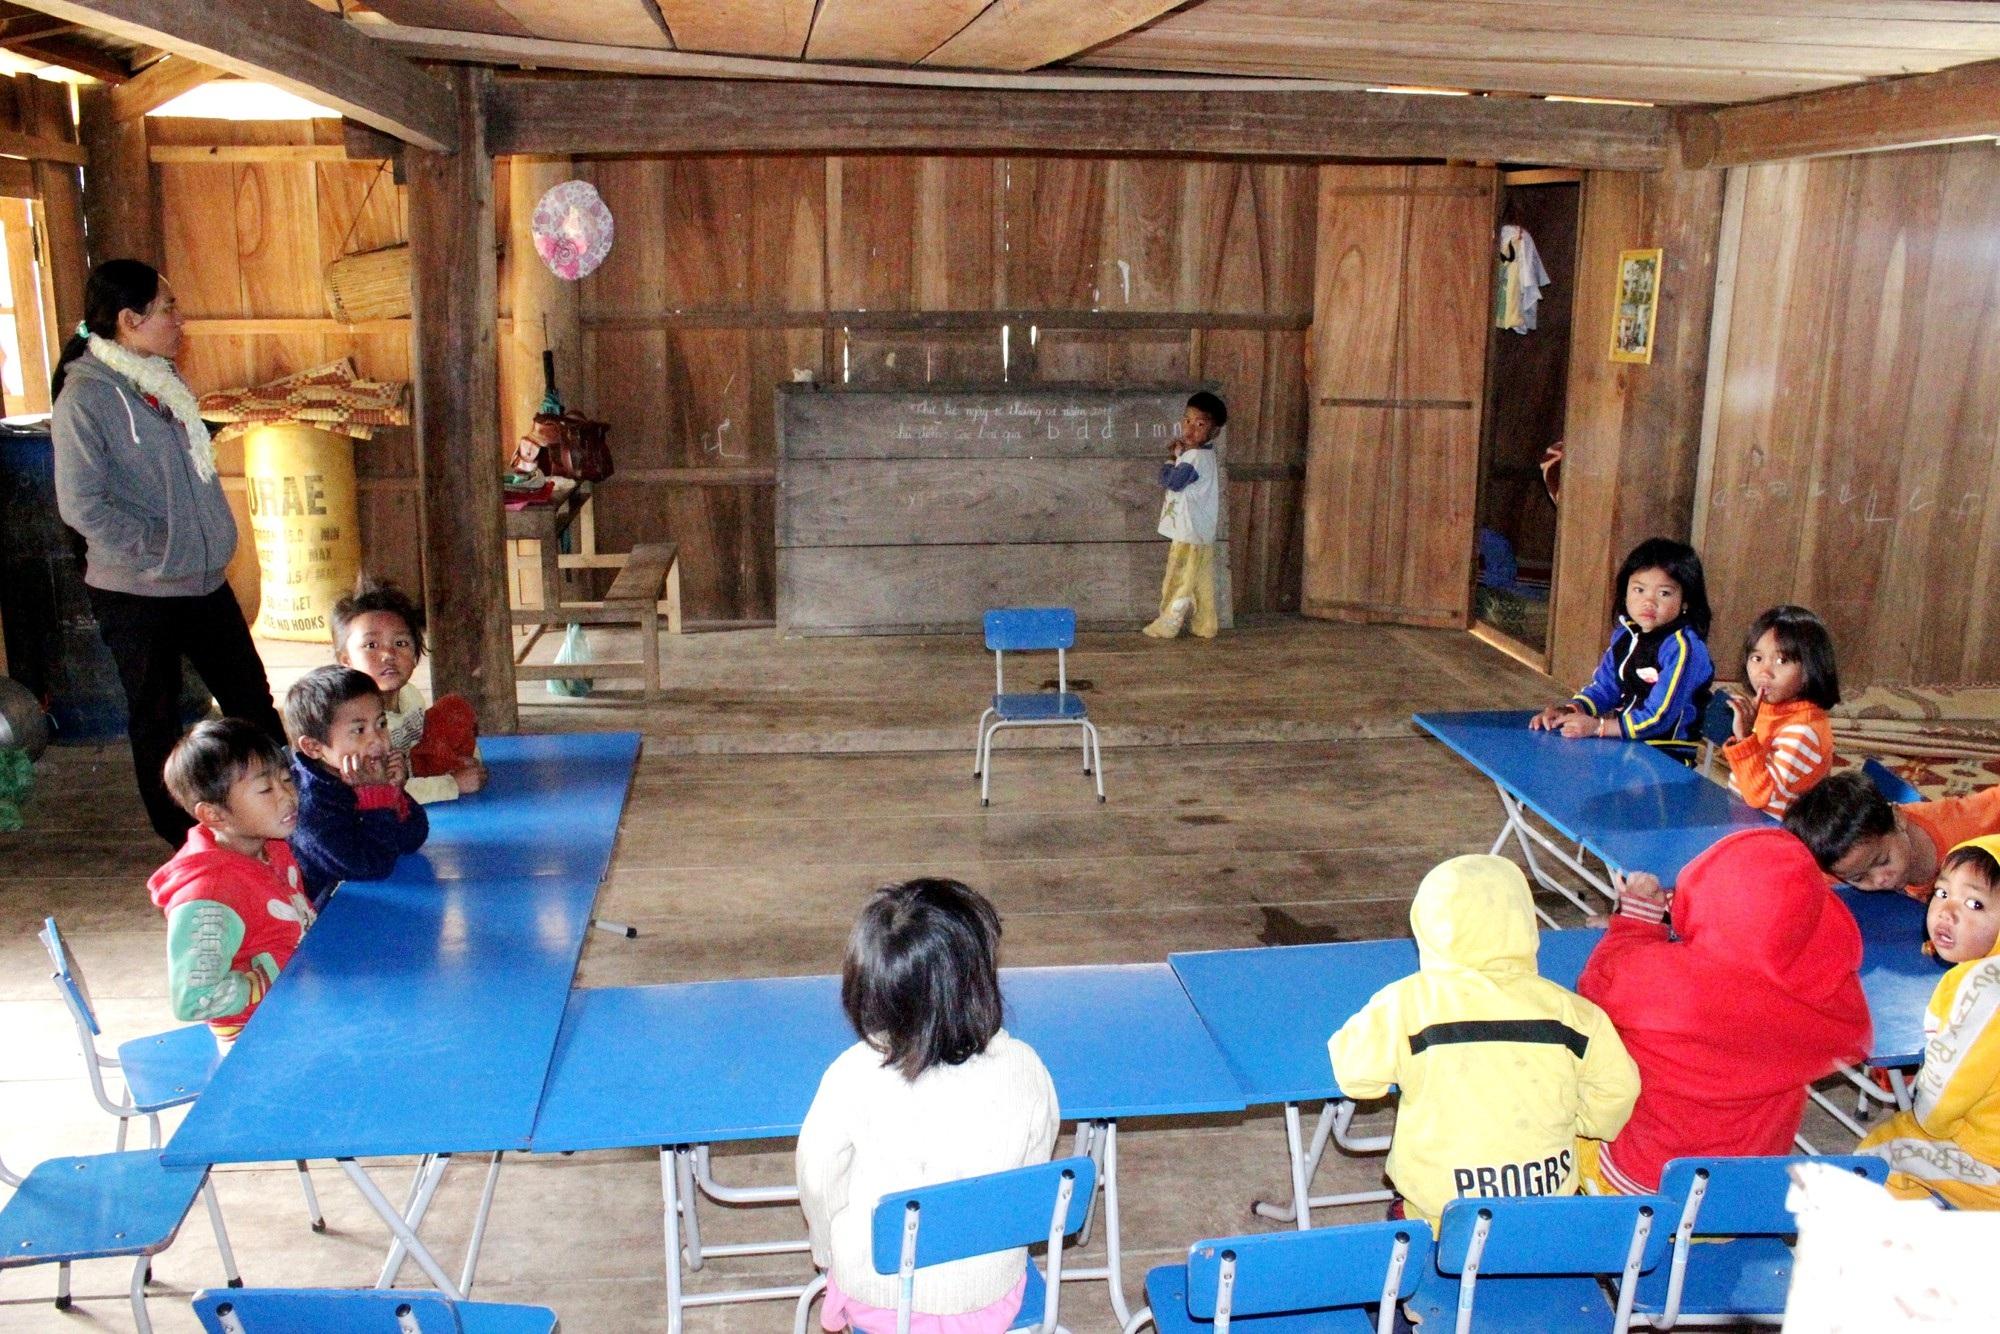 Quảng Nam: Ngăn chặn học sinh bỏ học trước và sau Tết Nguyên đán - Ảnh 1.